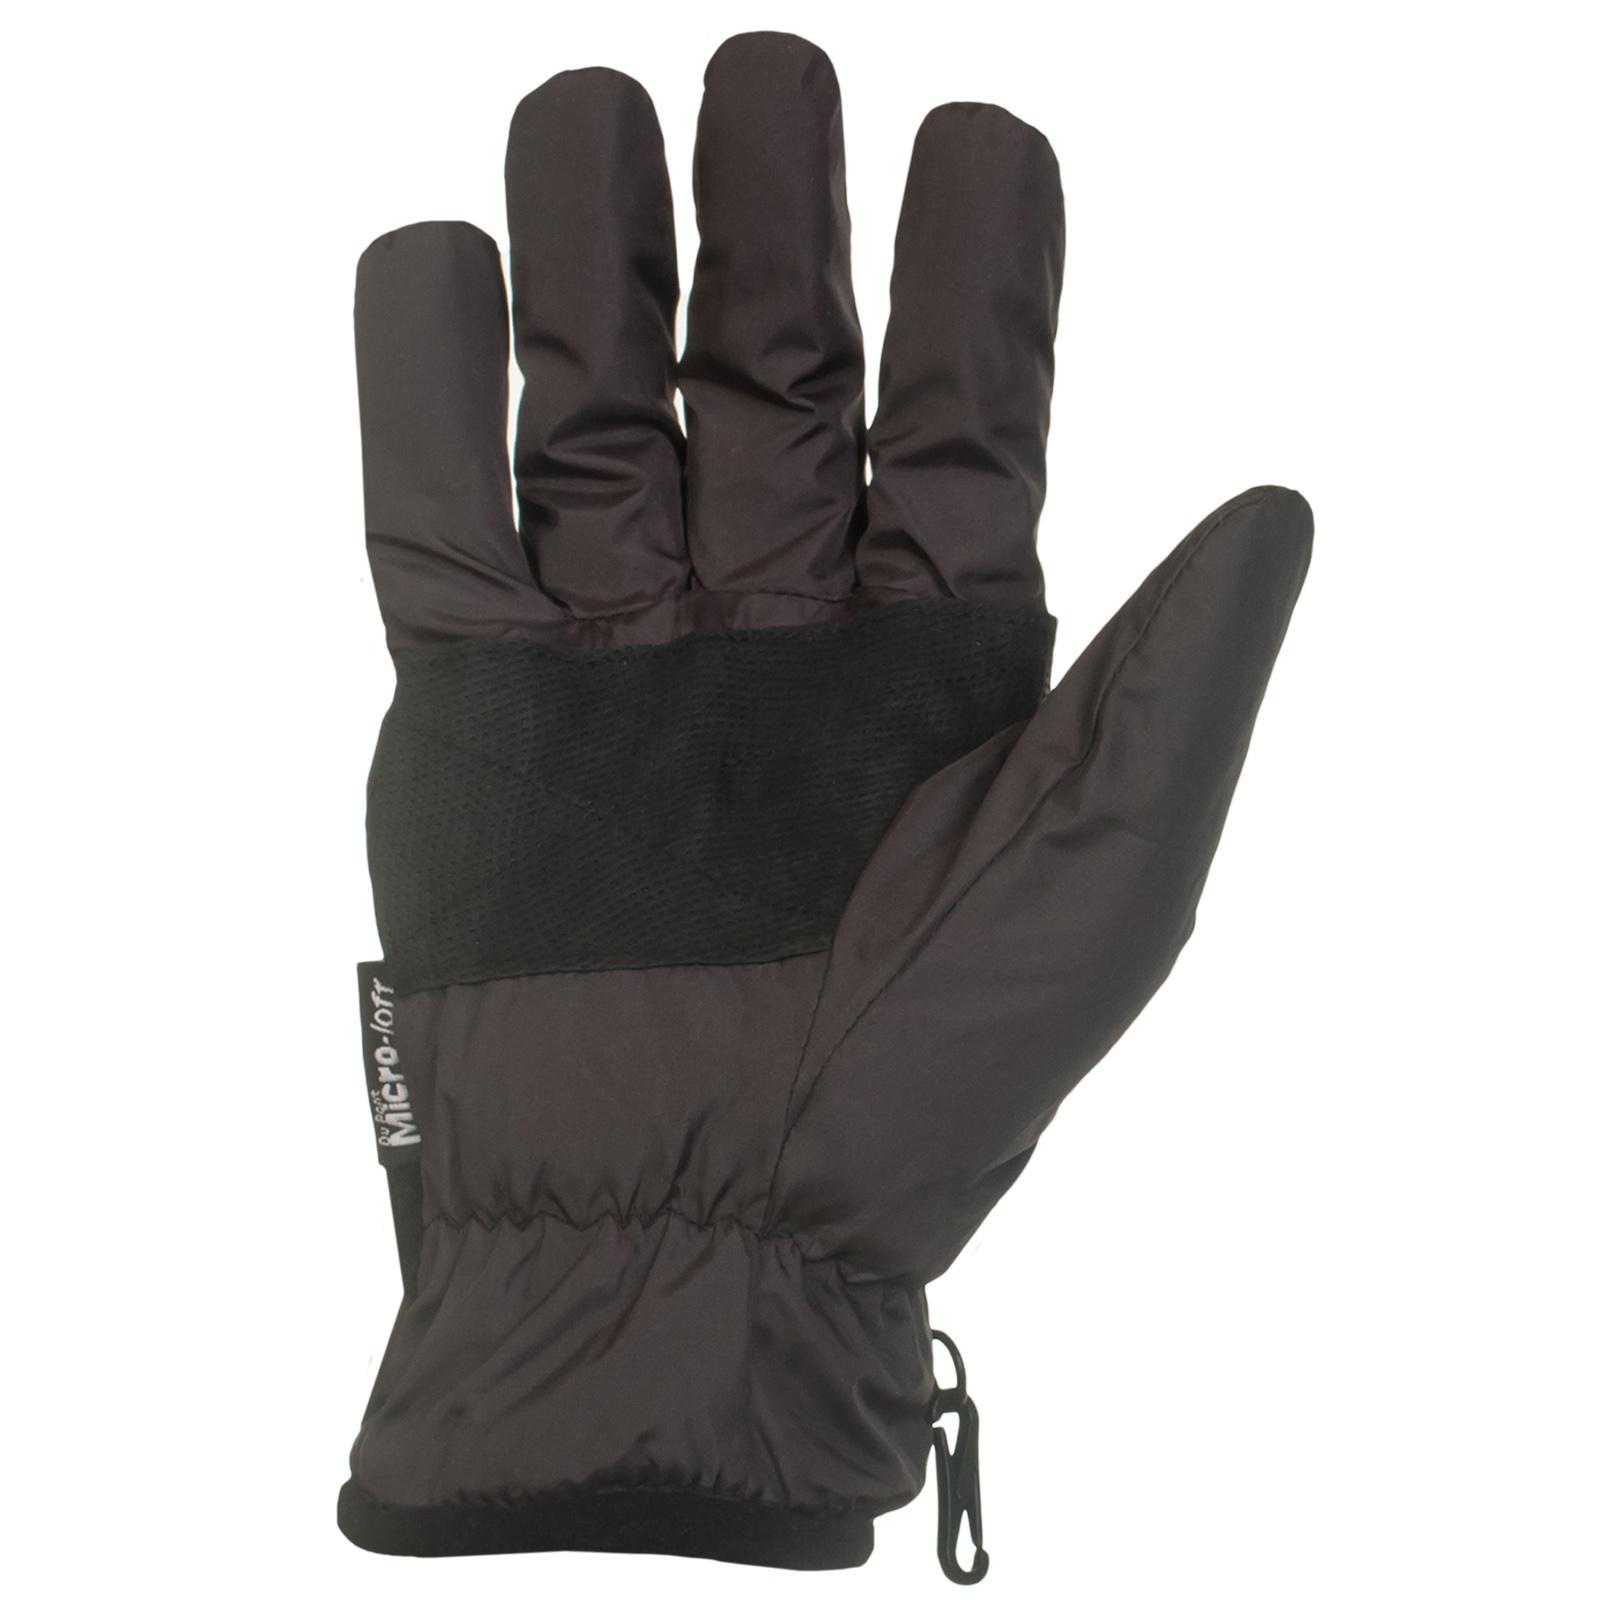 Купить эксклюзивные серые перчатки оптом или в розницу